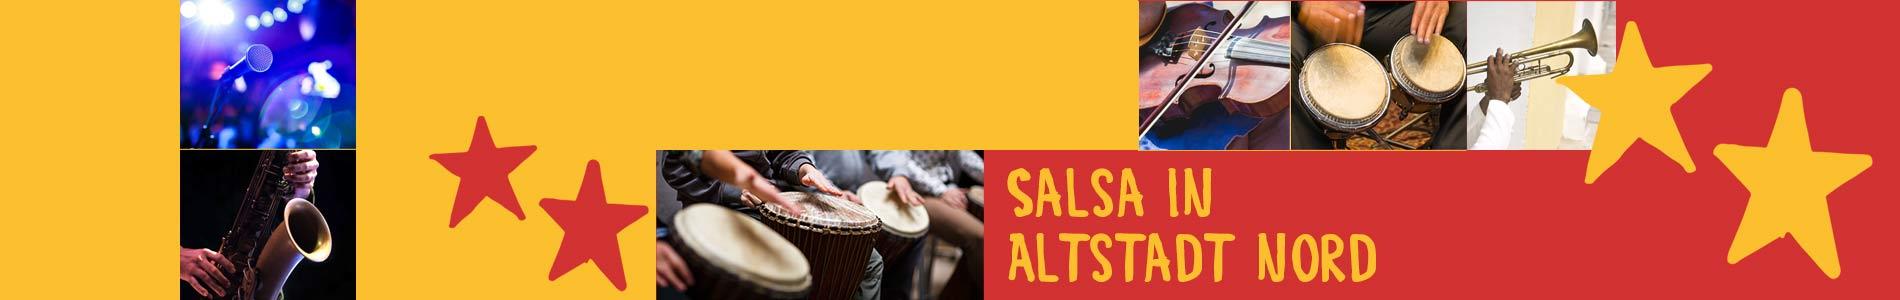 Salsa in Altstadt Nord – Salsa lernen und tanzen, Tanzkurse, Partys, Veranstaltungen